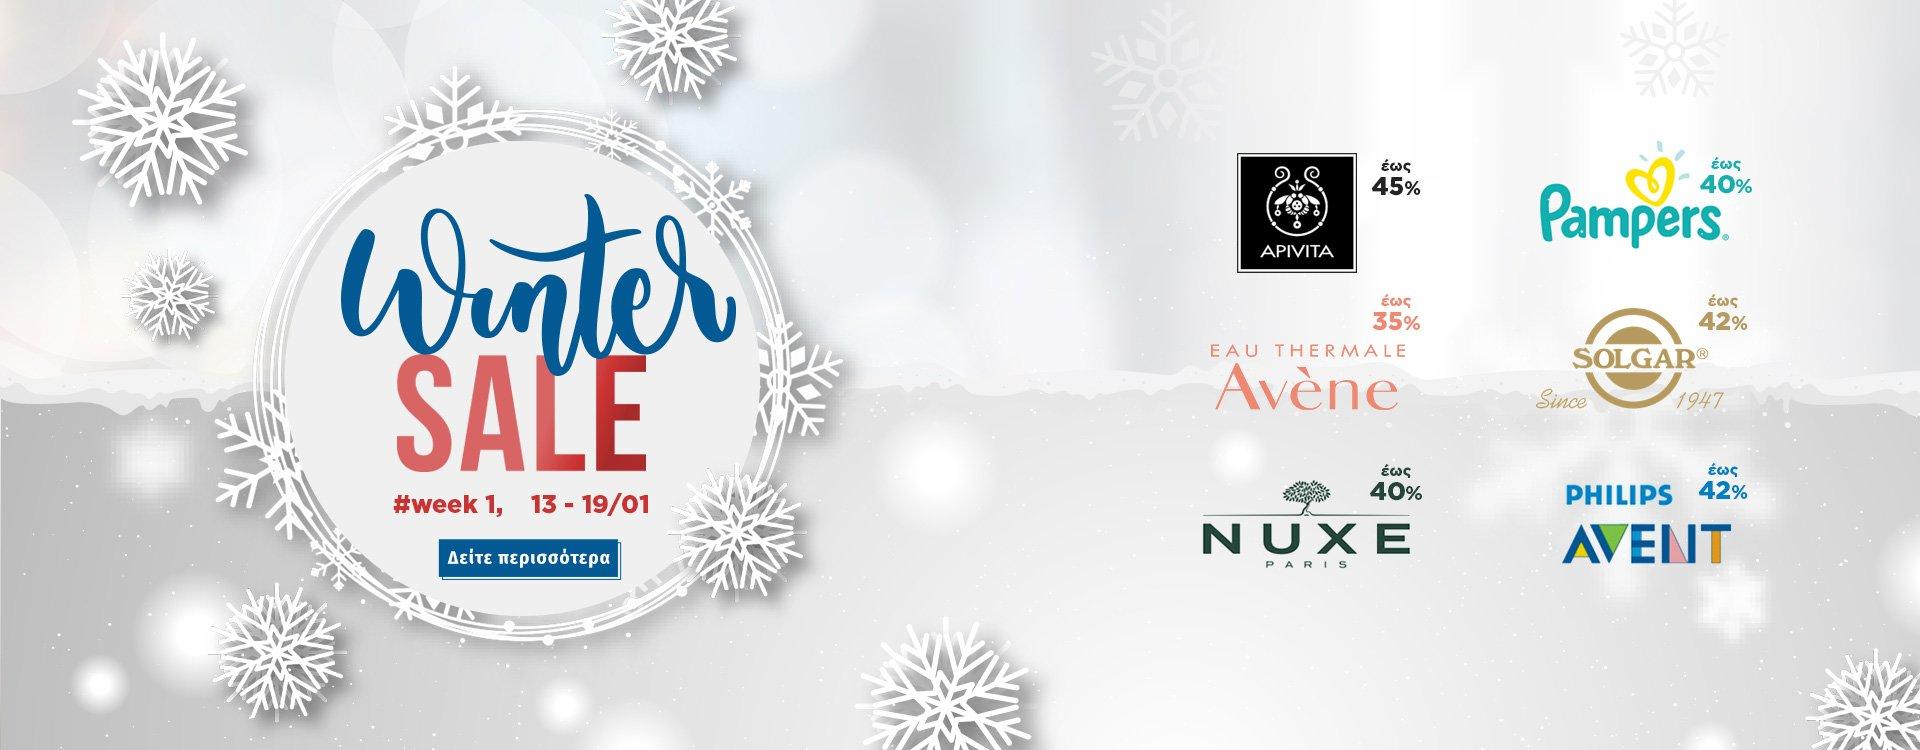 Winter Sales Week 1